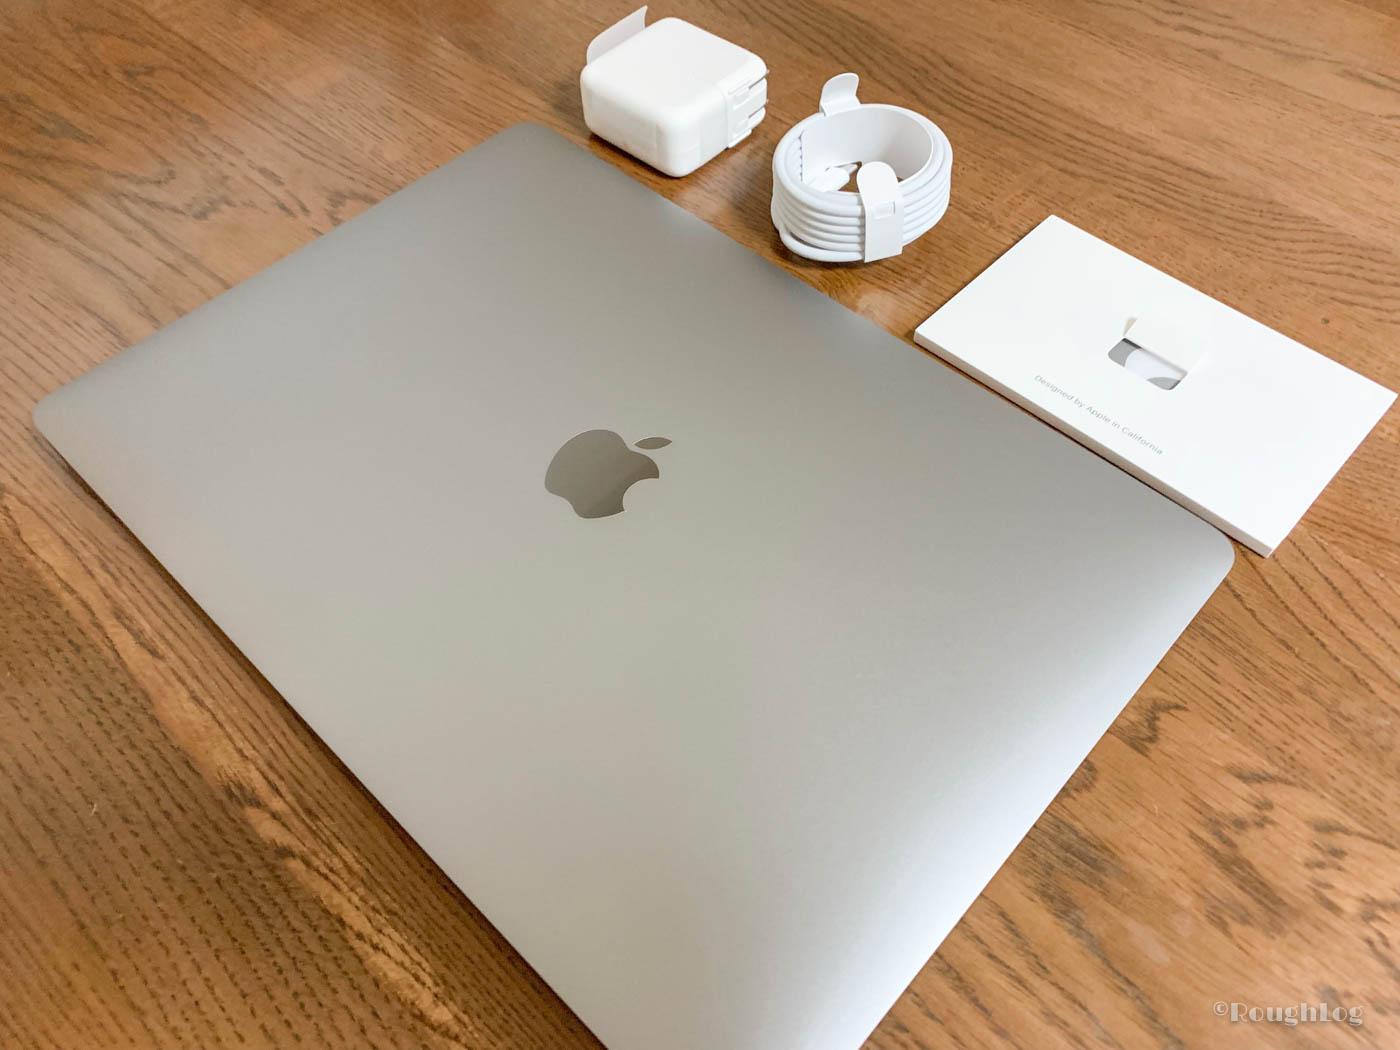 MacBook Air付属品として電源アダプターとUSB-Cケーブル